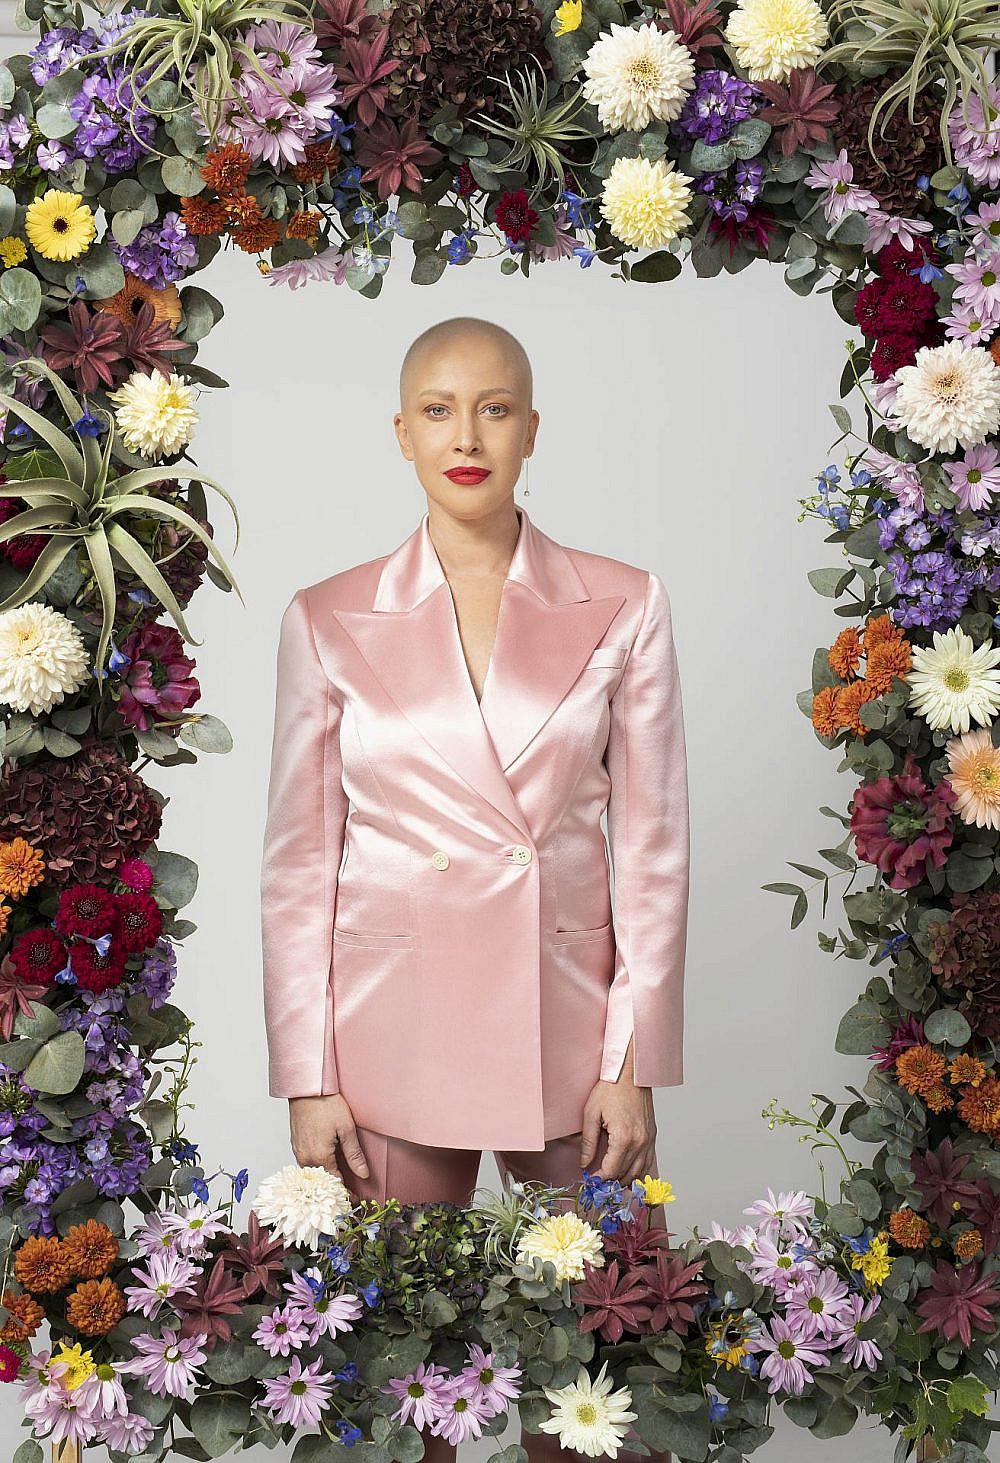 מירית גרינברג | צילום: זהר שטרית, סטיילינג: שי לי ניסים, חליפה: Echo by Tamar Netanely, עיצוב פרחים: ido frid event design, עגילים: הוט קראון